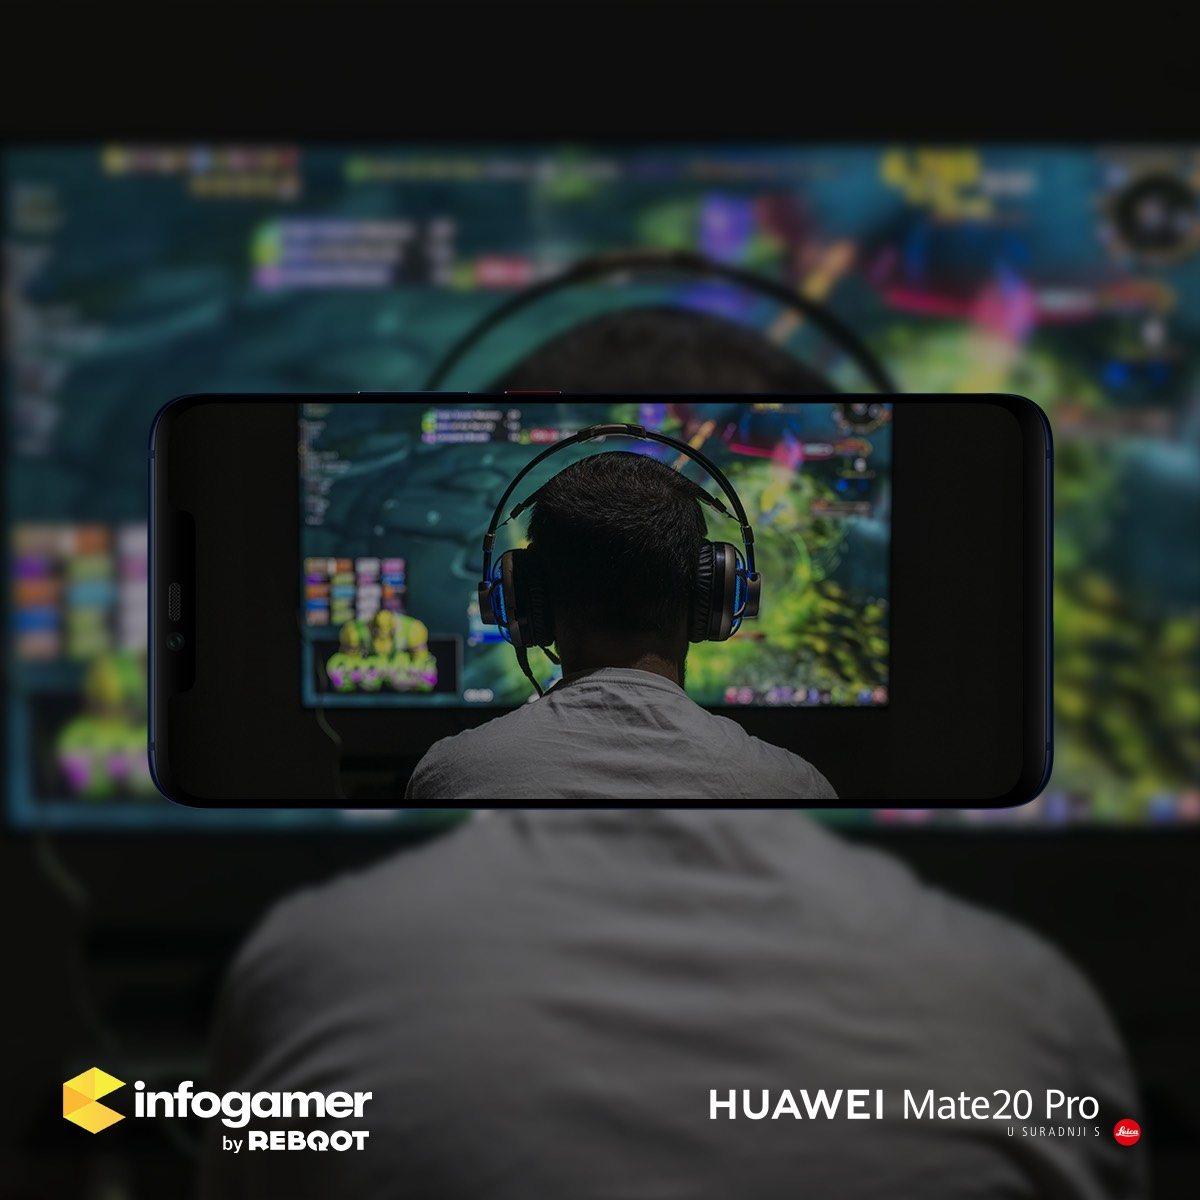 Mate 20 Pro Infogamer 2